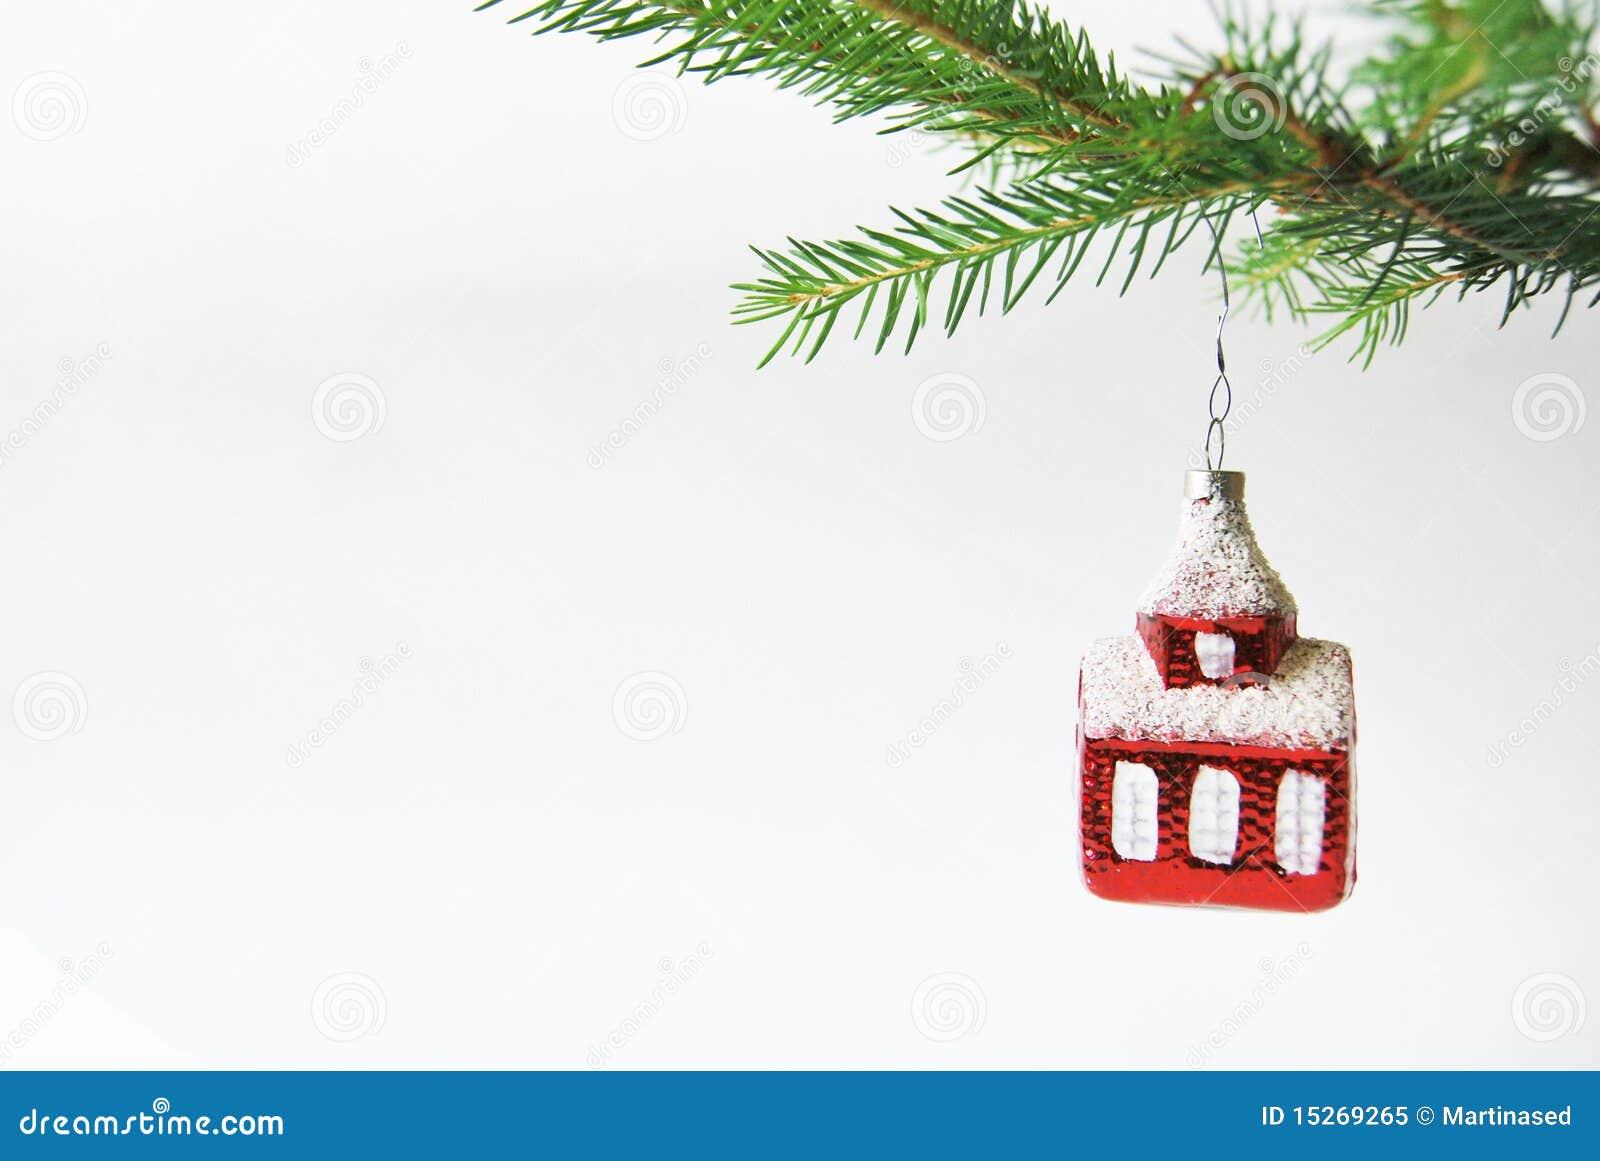 ζωή Χριστουγέννων ακόμα